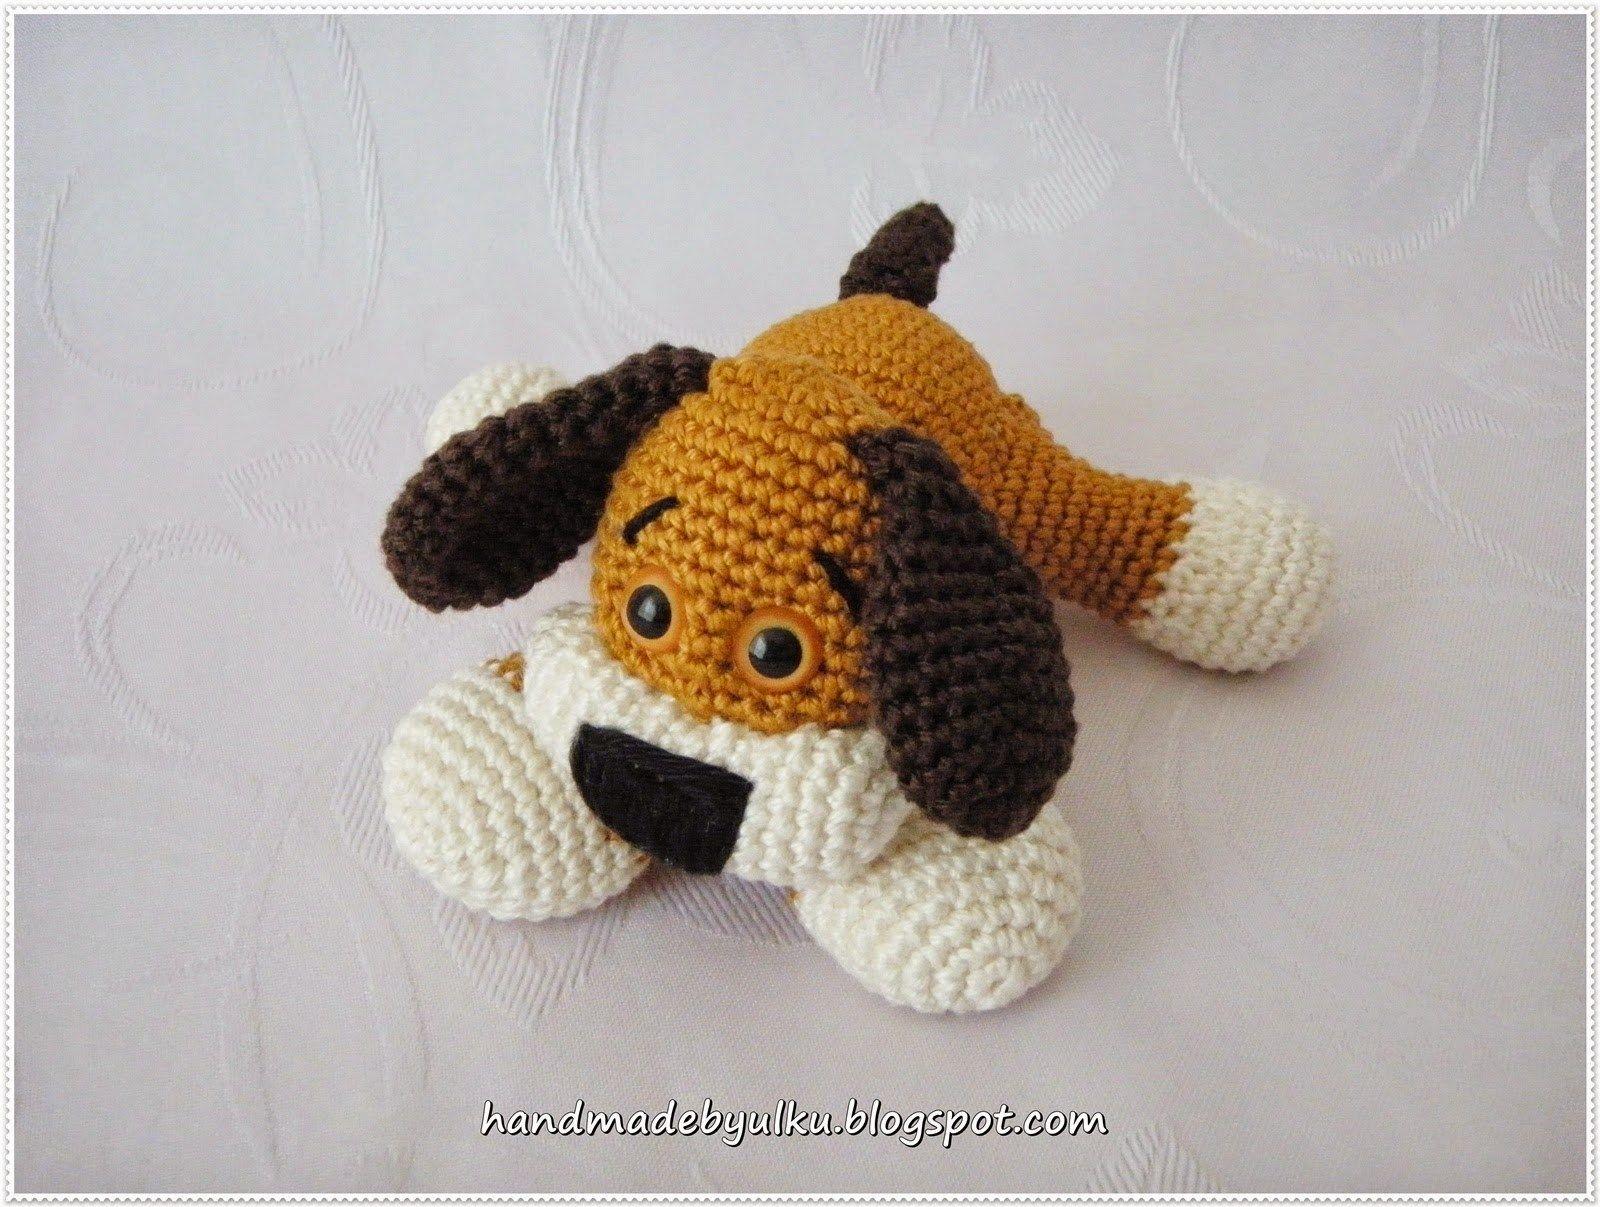 Único Los Patrones De Crochet Libre Perro Motivo - Manta de Tejer ...